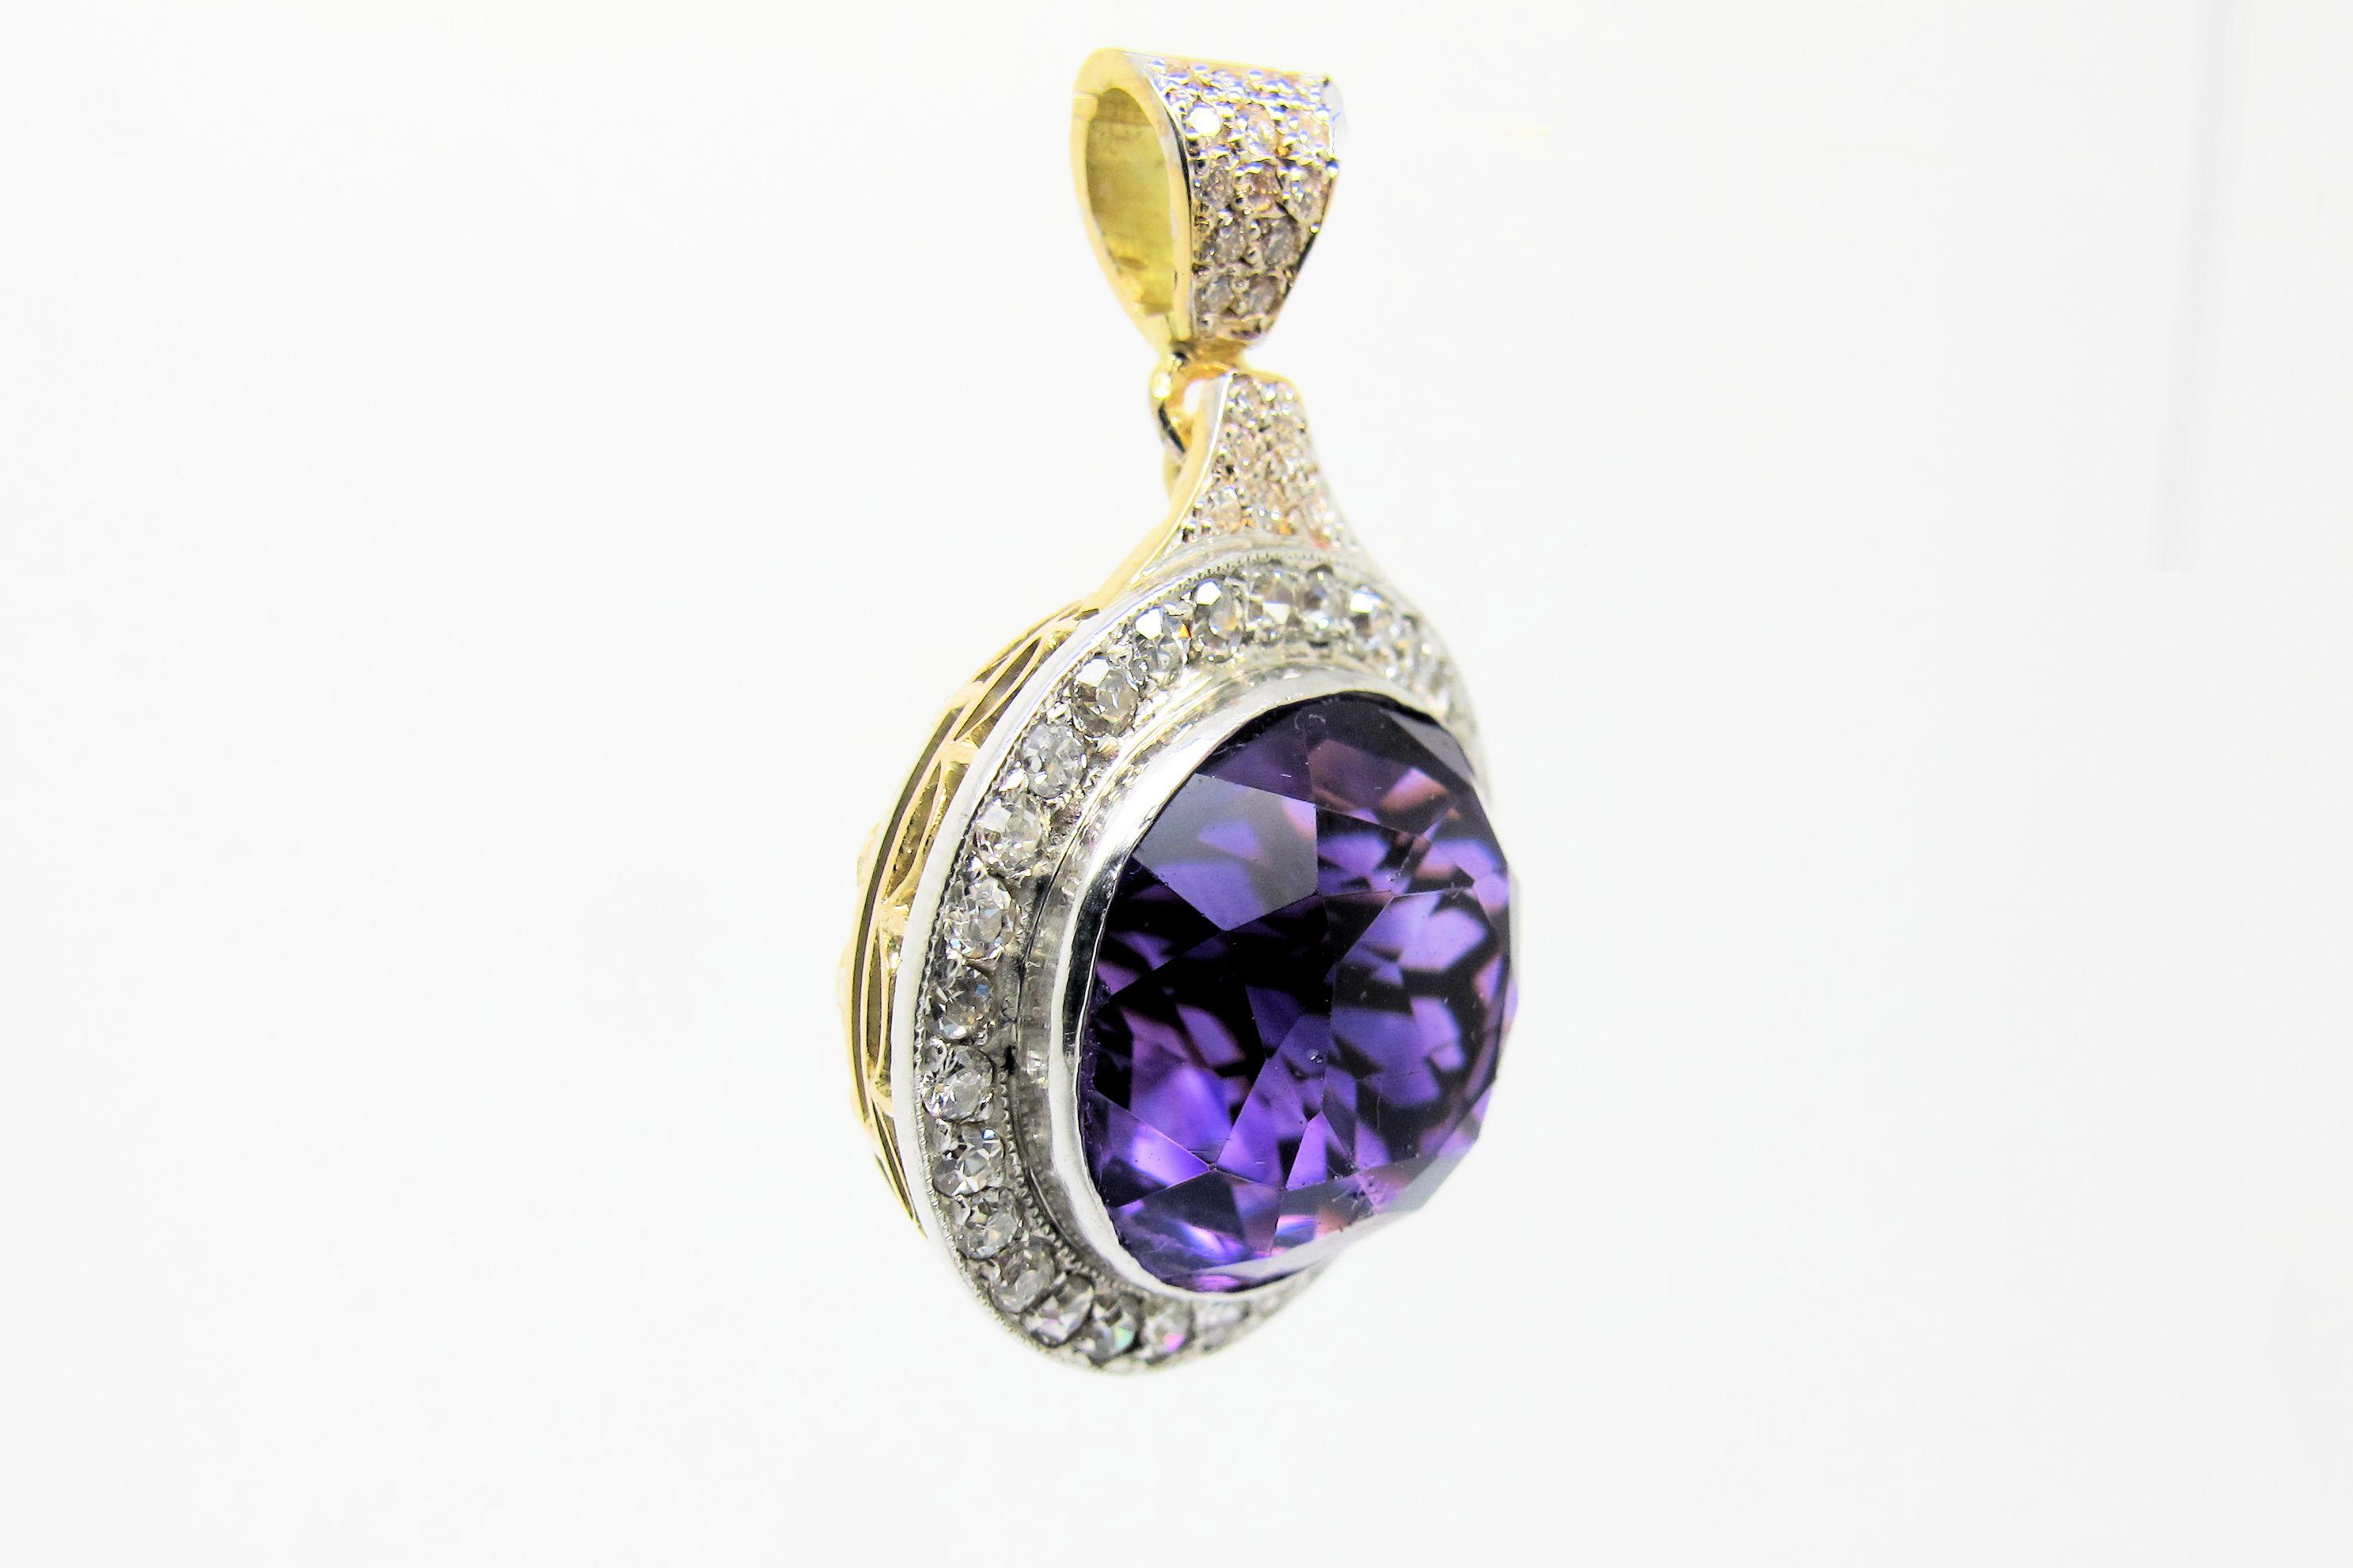 Semi Precious Gems